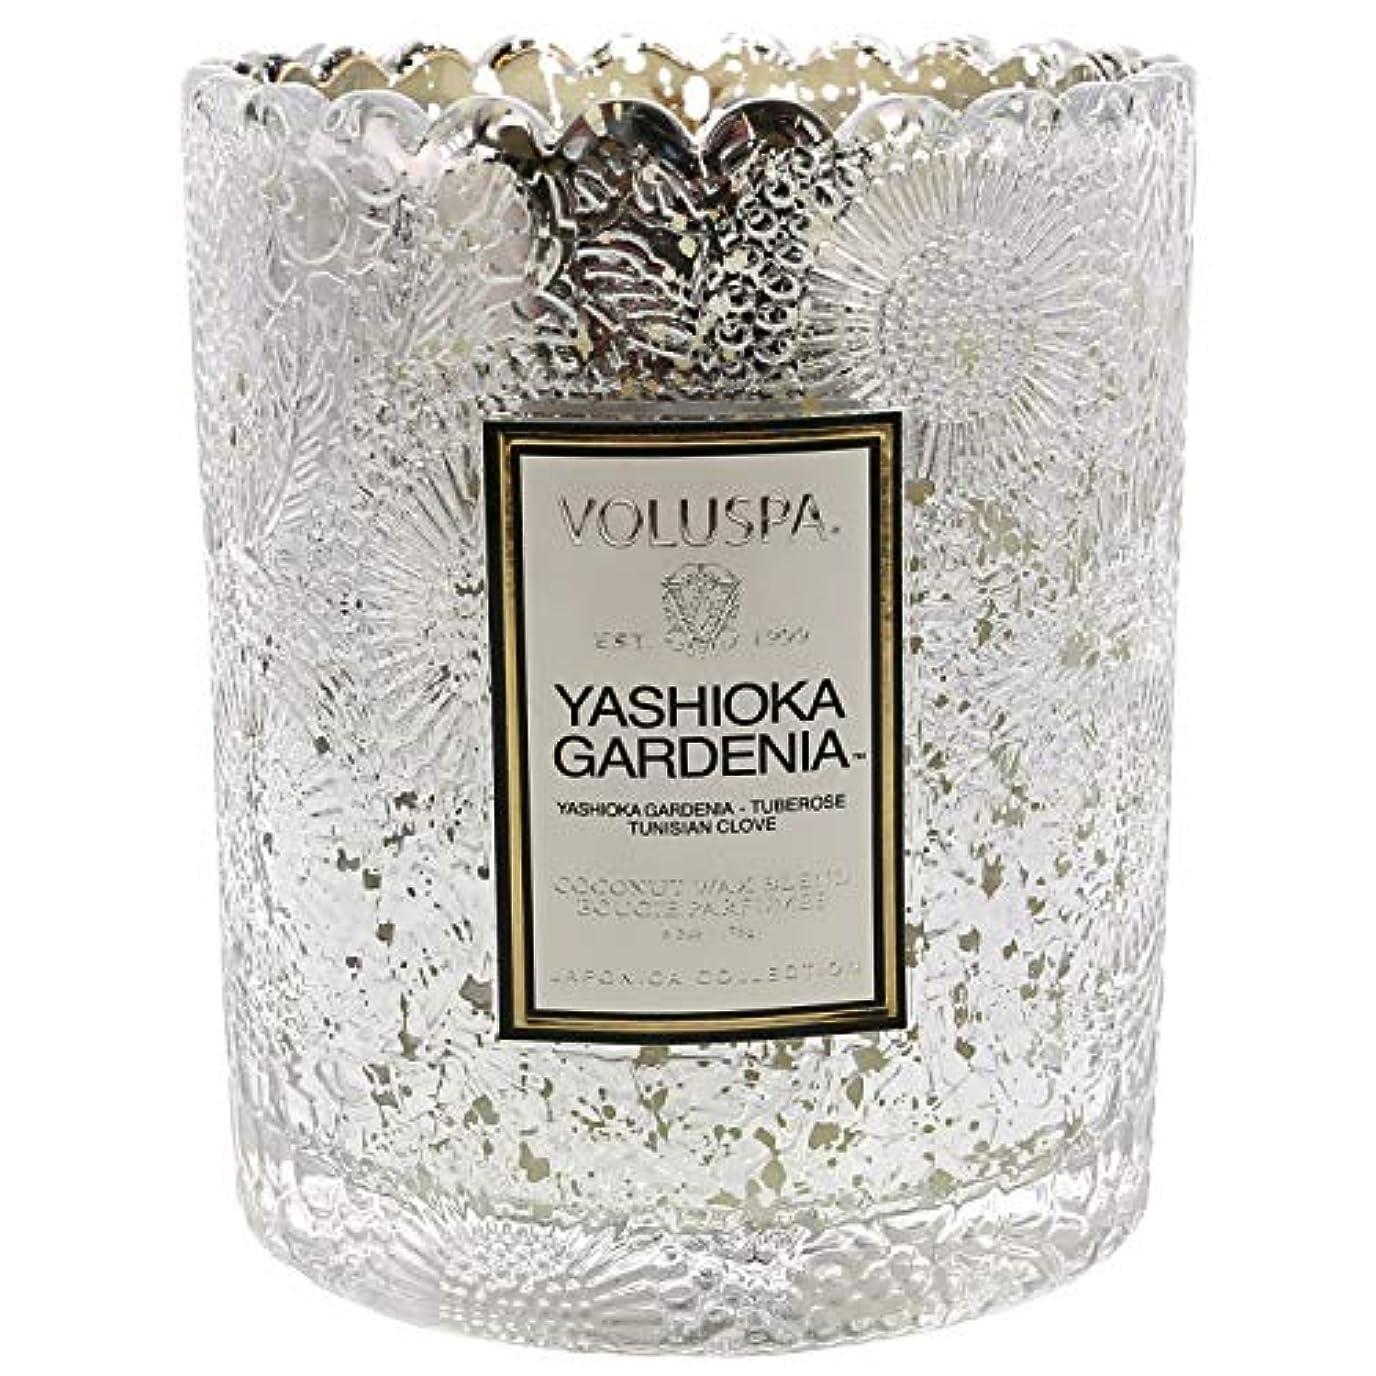 弱点祈る書誌Voluspa ボルスパ ジャポニカ リミテッド スカラップグラスキャンドル  ヤシオカガーデニア YASHIOKA GARDENIA JAPONICA Limited SCALLOPED EDGE Glass Candle